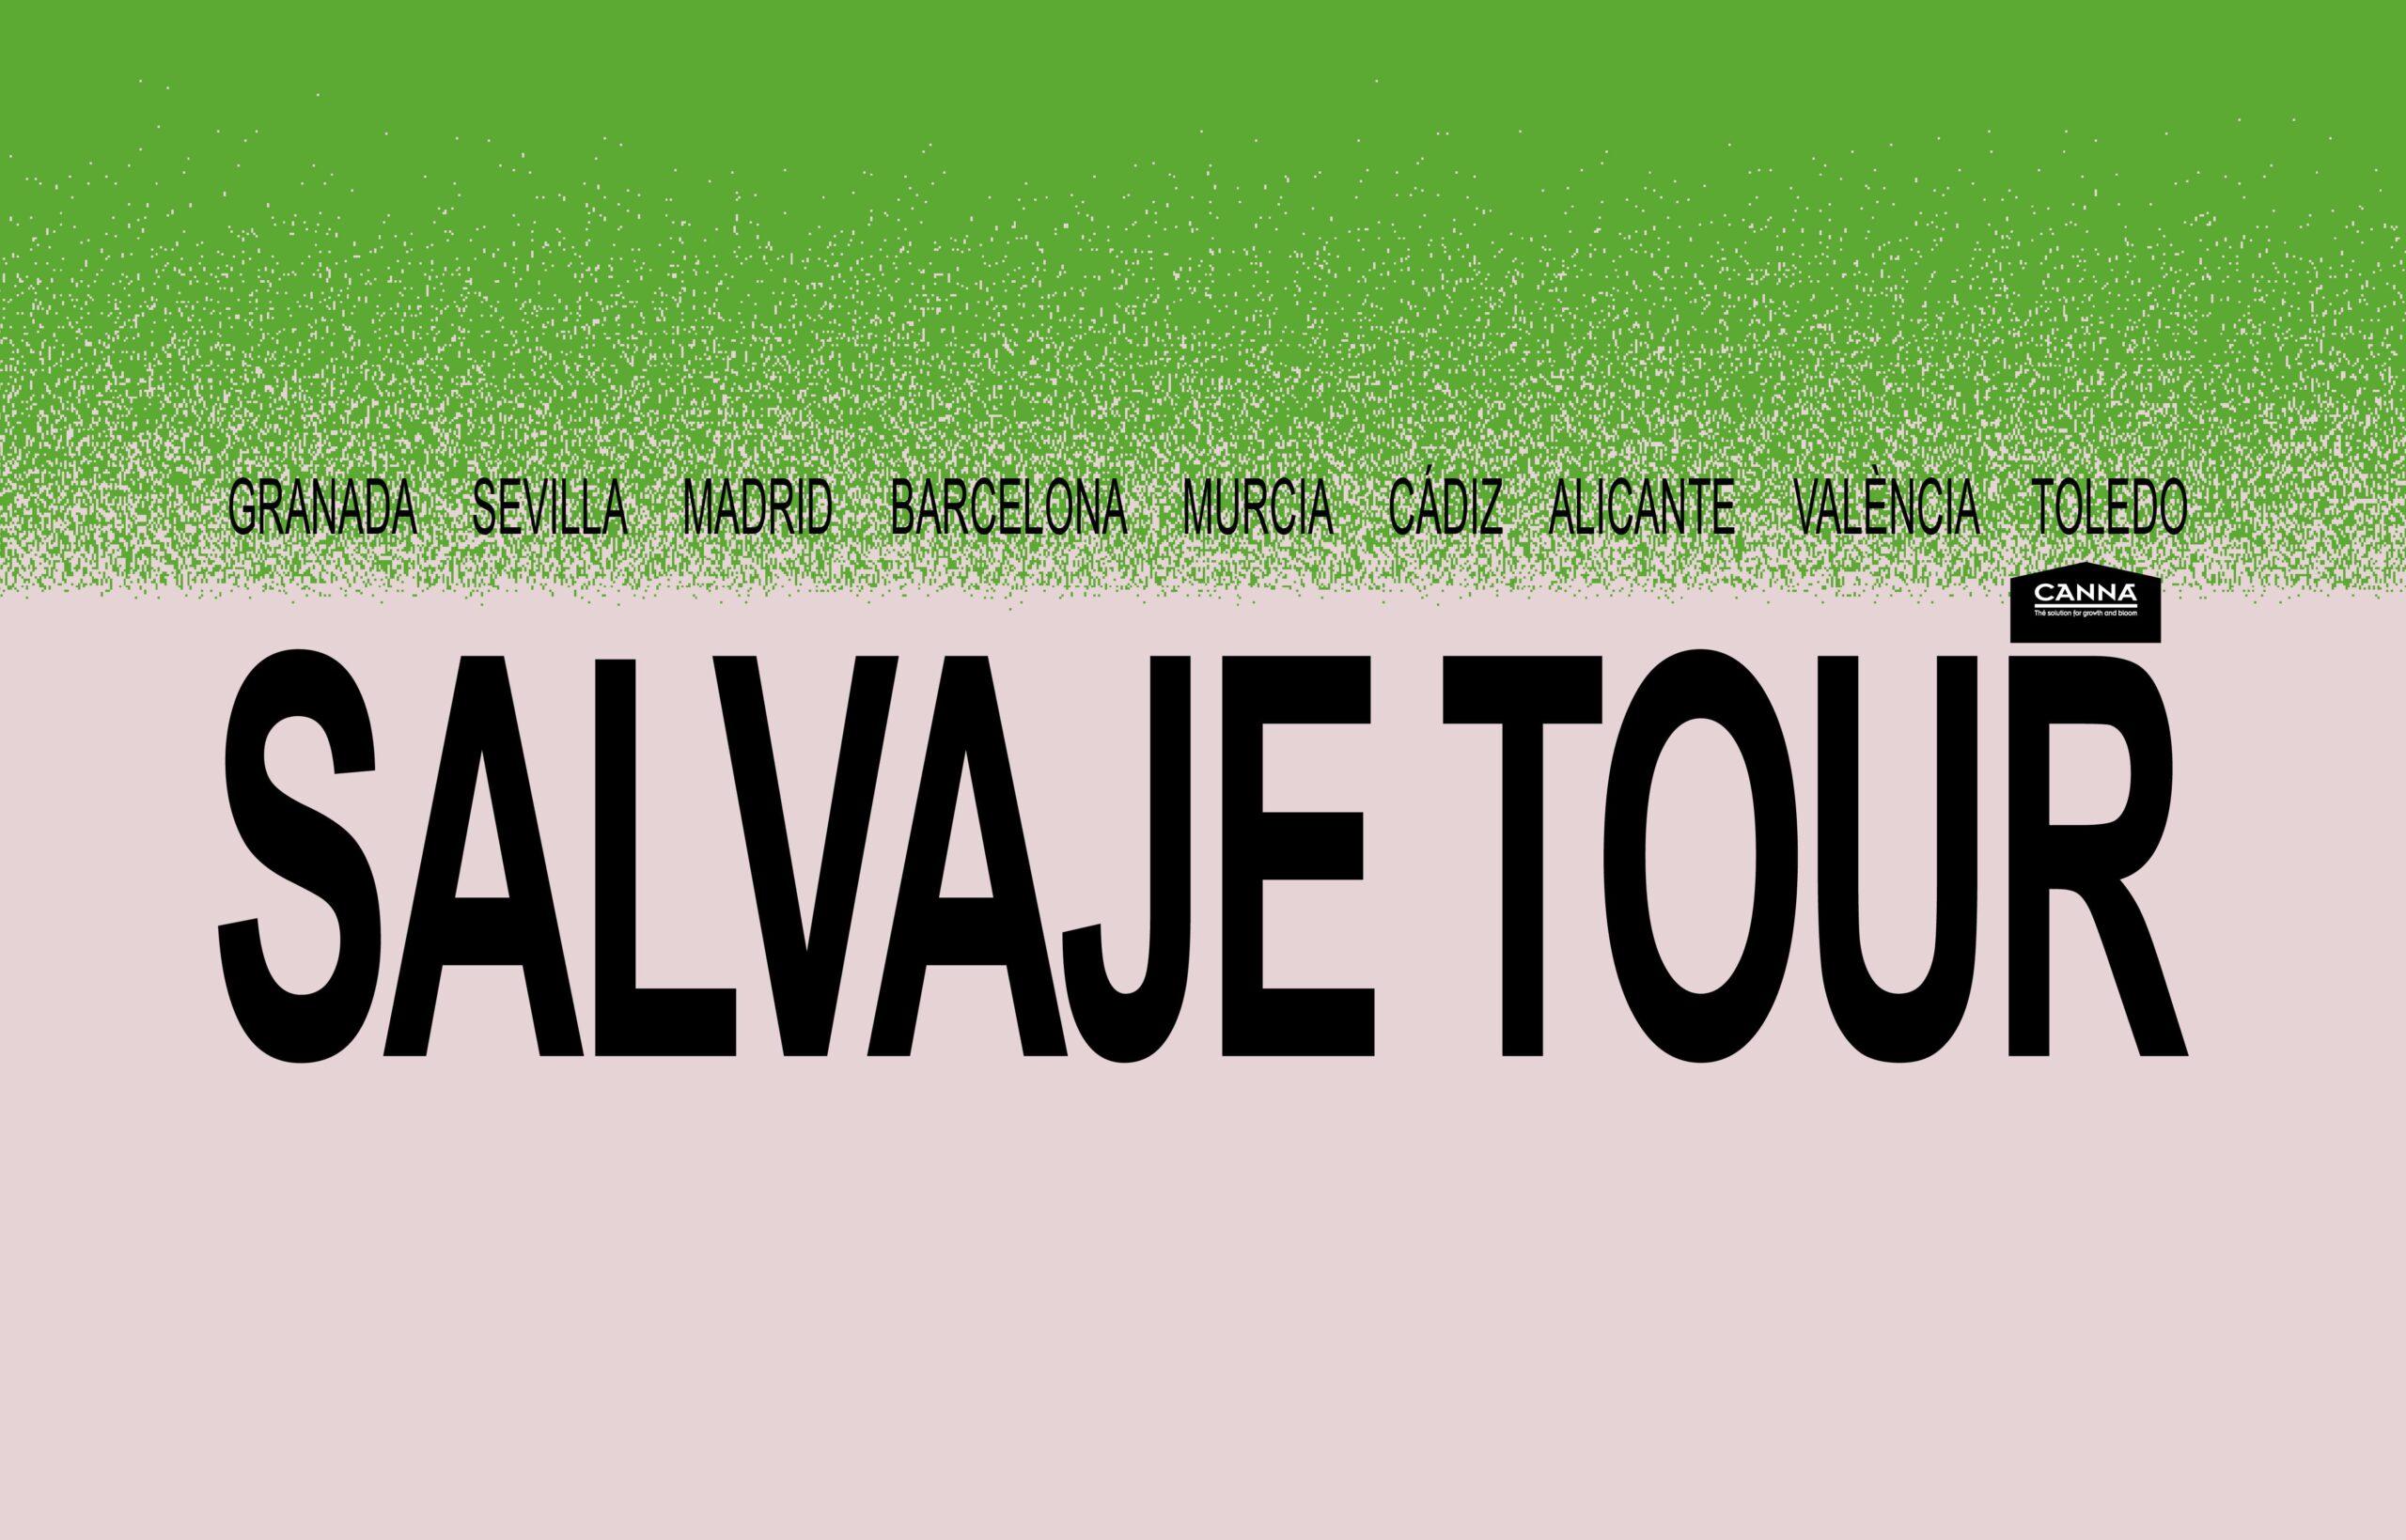 salvaje tour toledo con morad israel b yarea 162132970316552